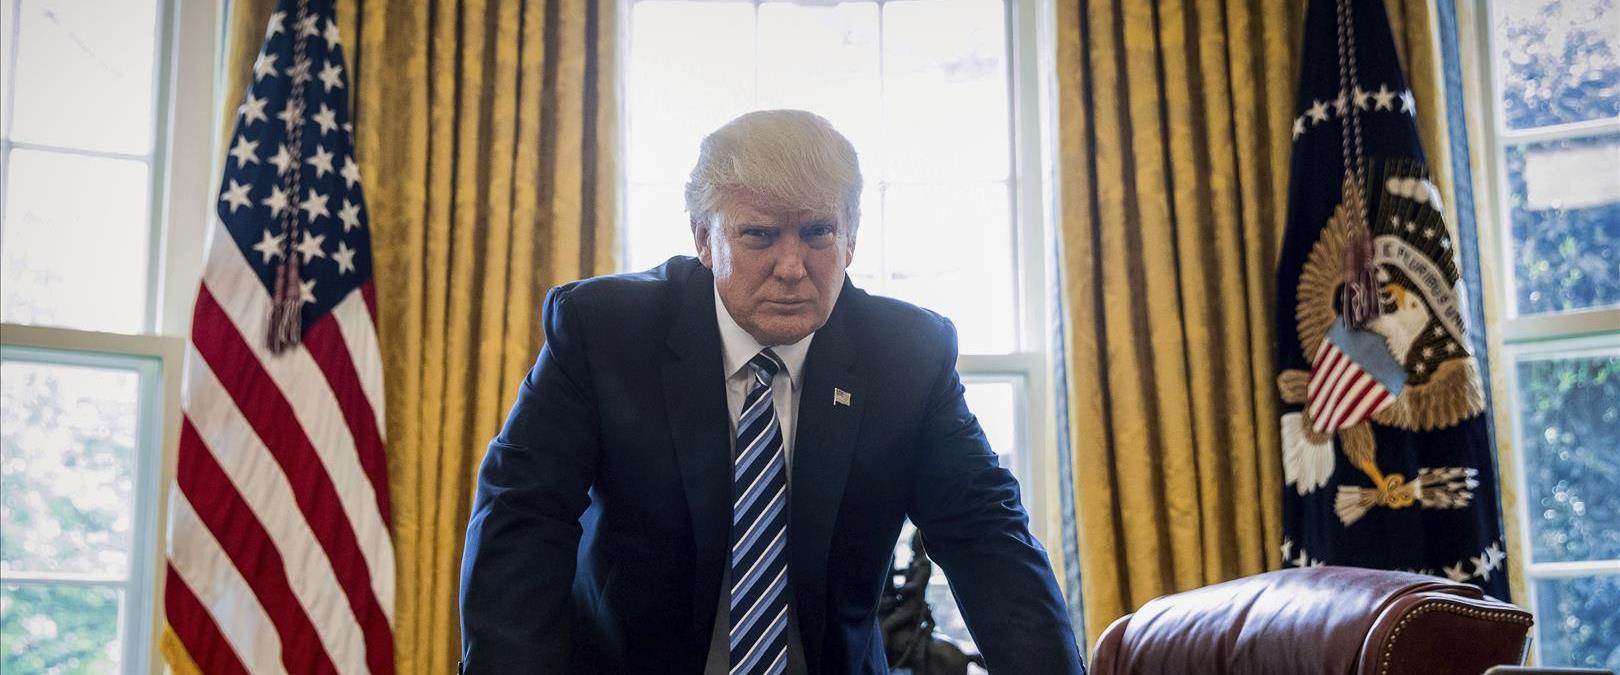 טראמפ בחדר הסגלגל, ארכיון